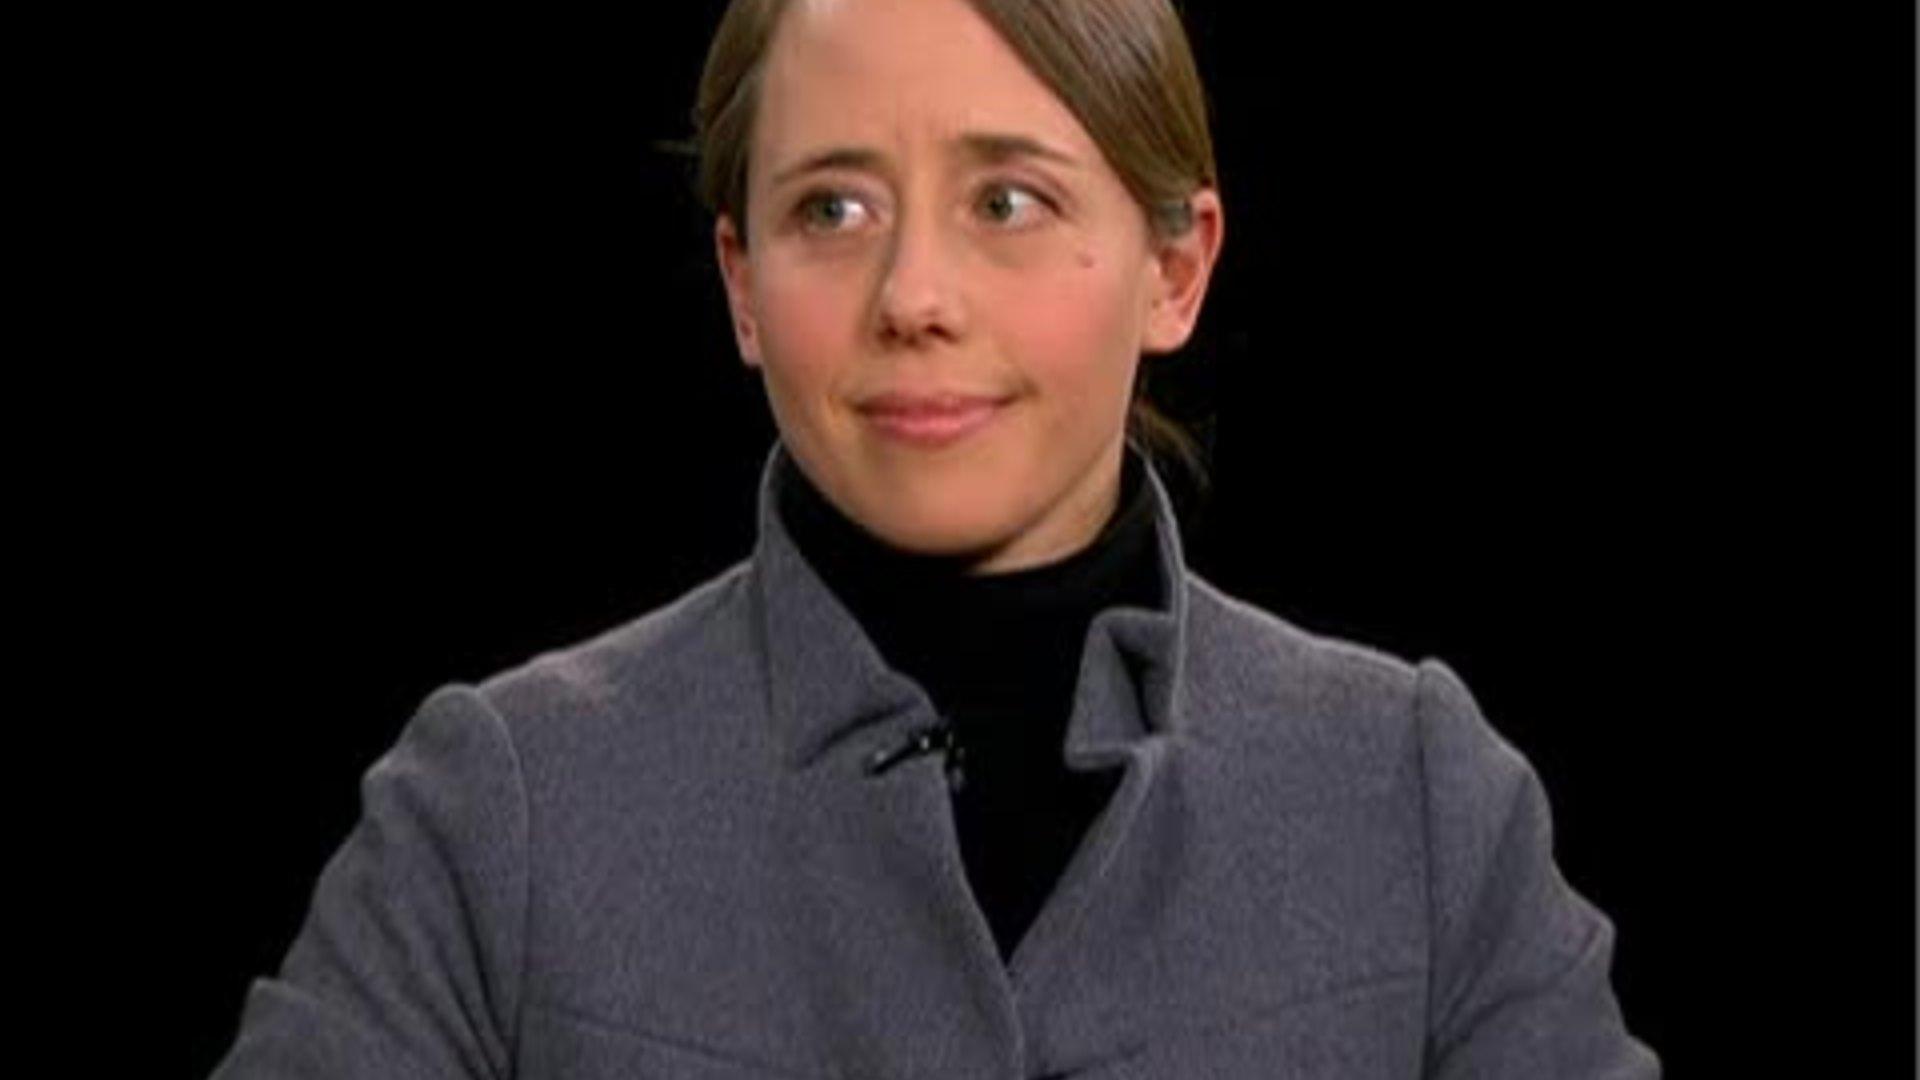 Jolyn Deboevere